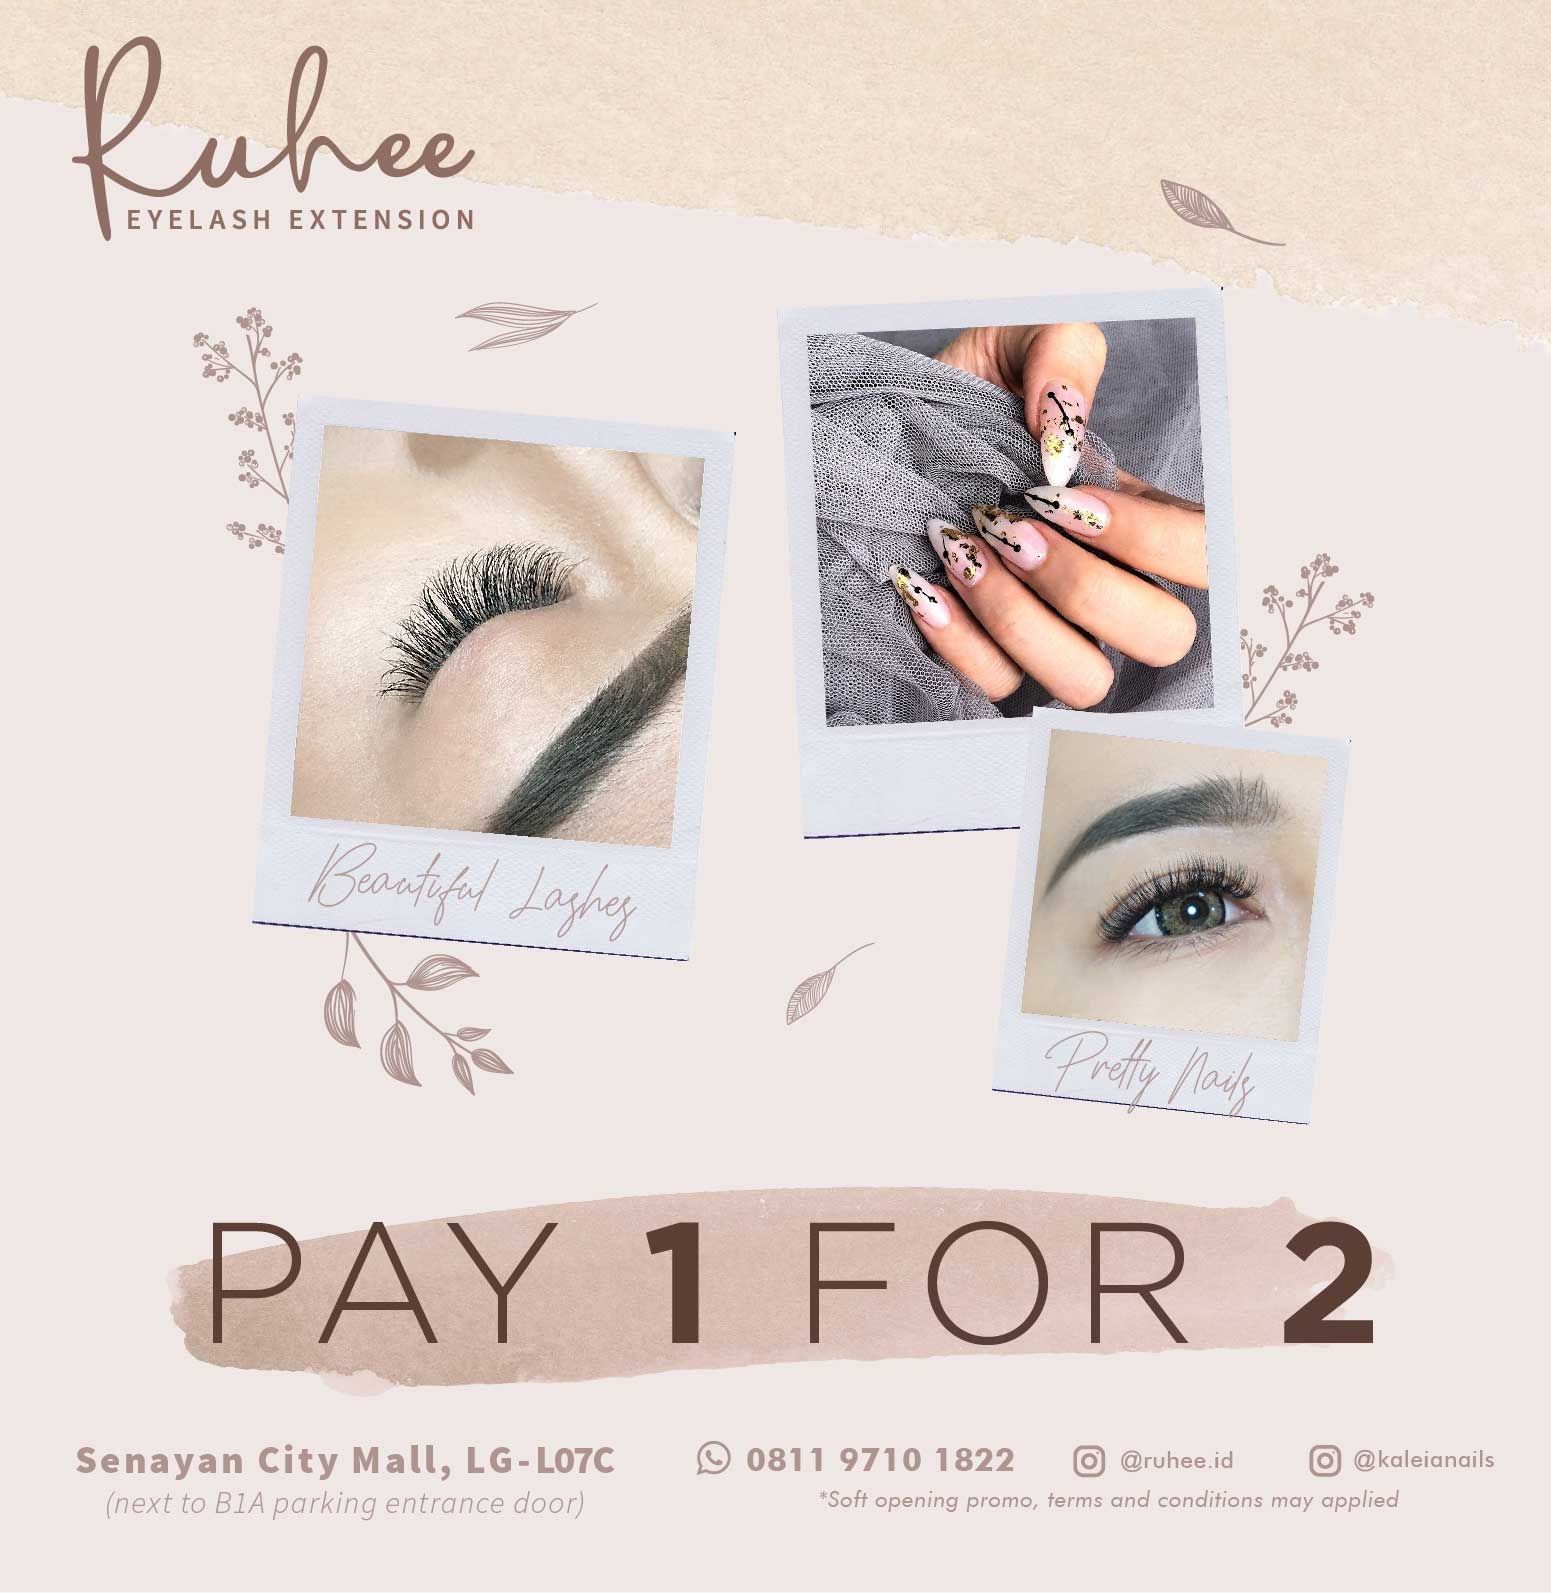 Ruhee Eyelash Extension